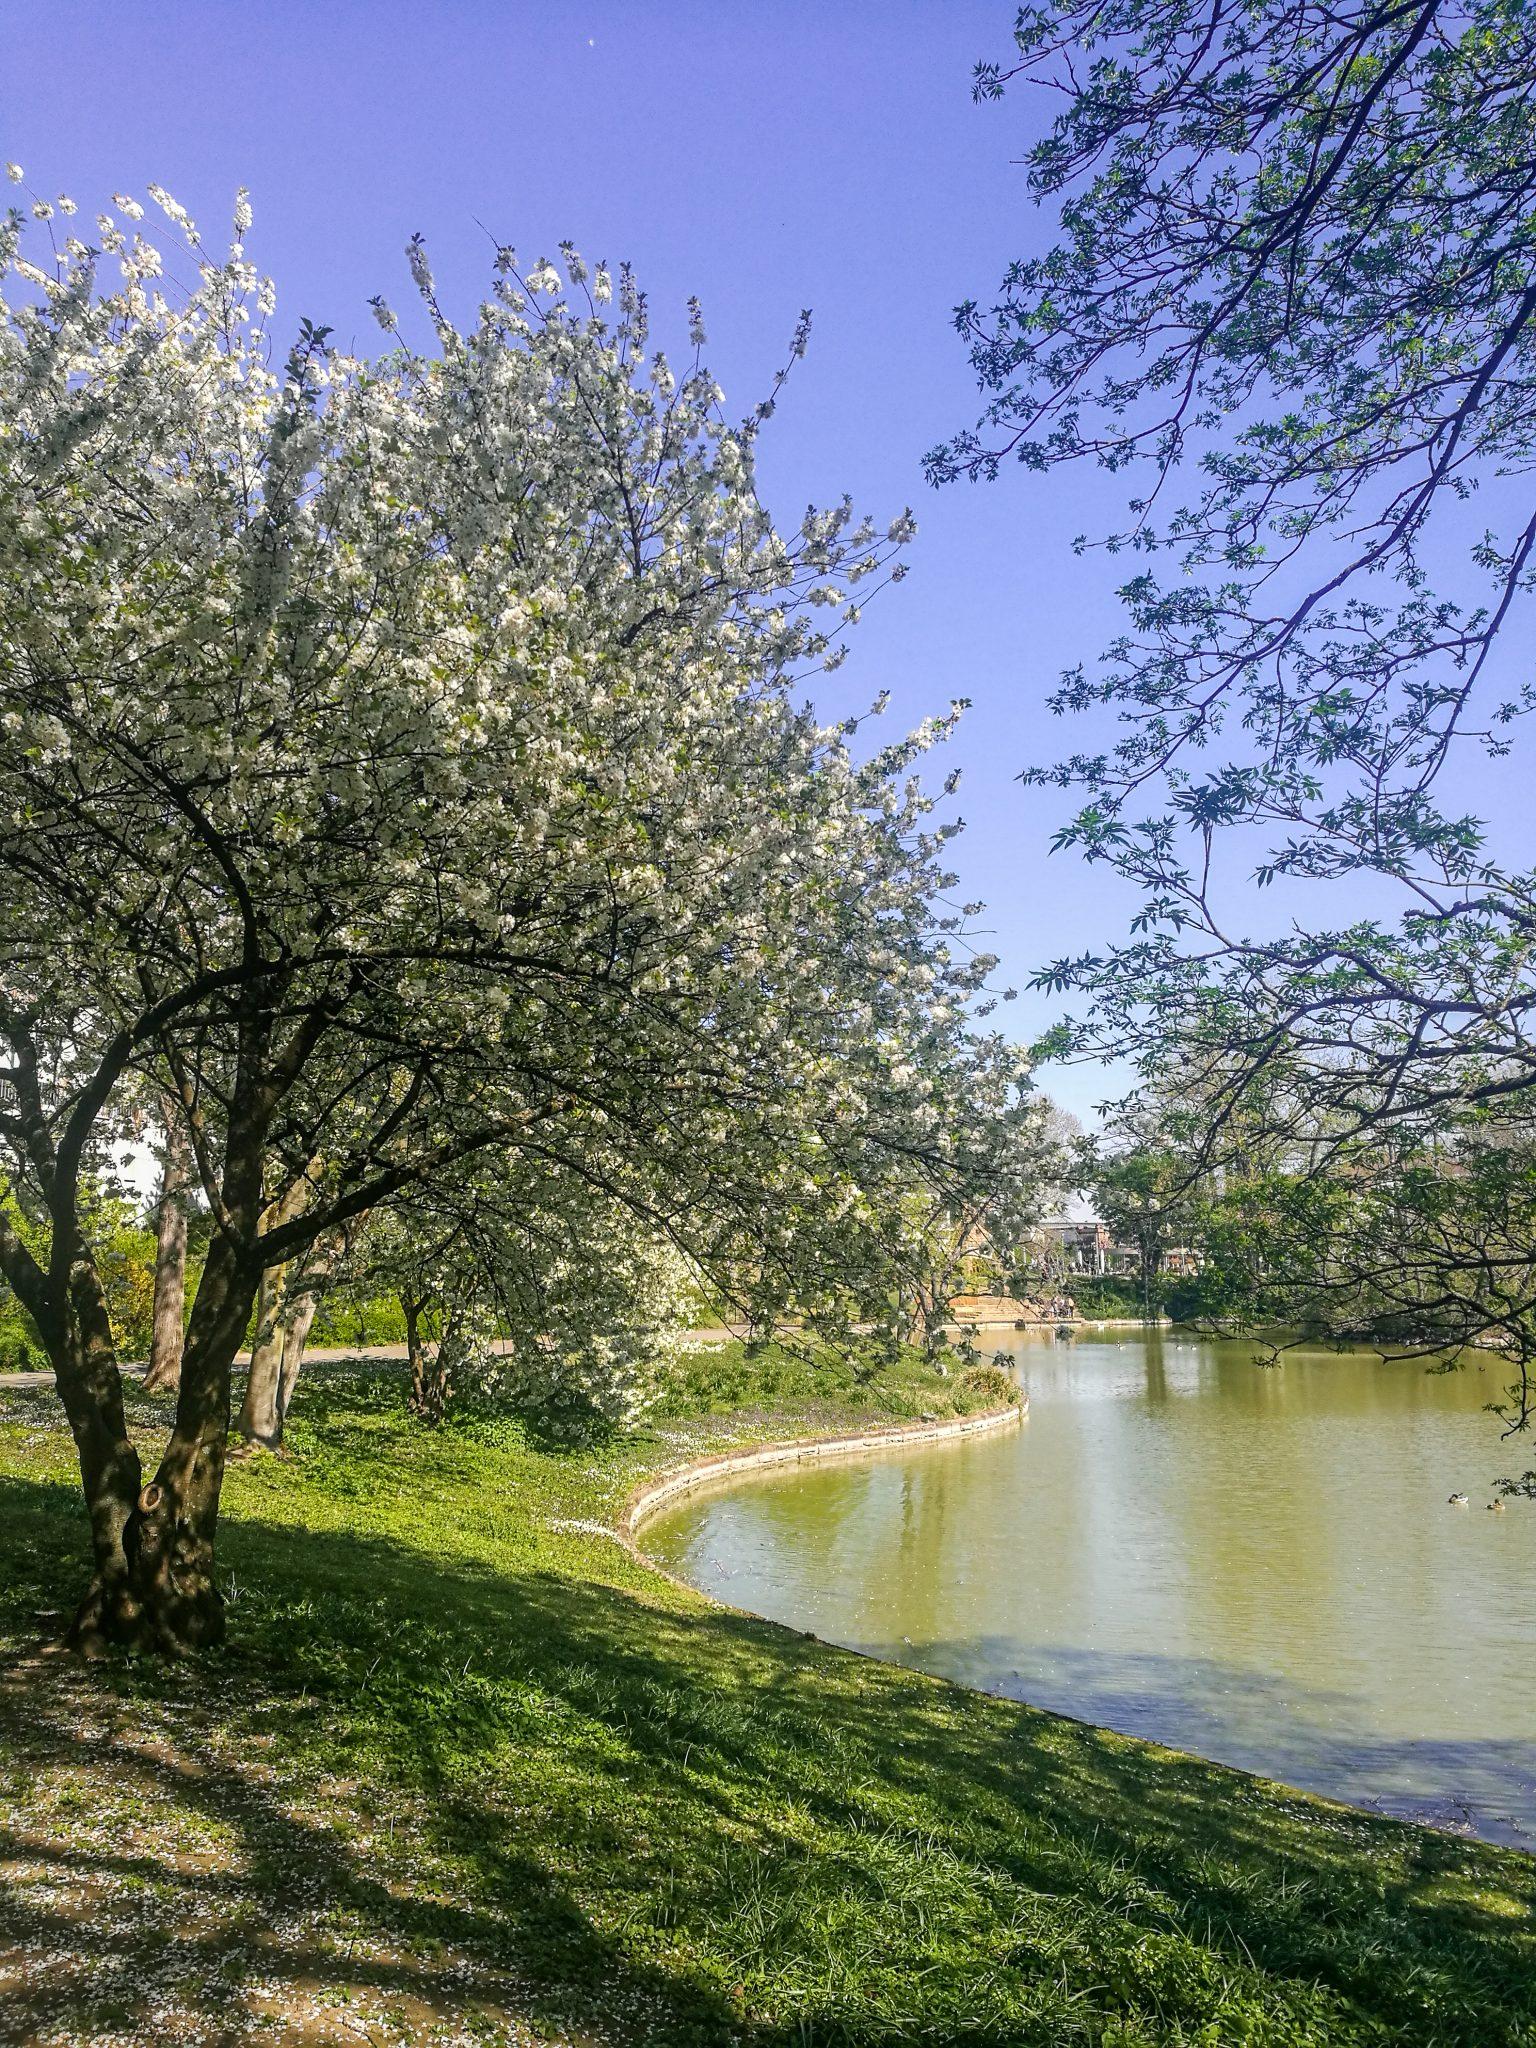 Landau-pfalz-sehenswürdigkeit-schwanenweiher-teich